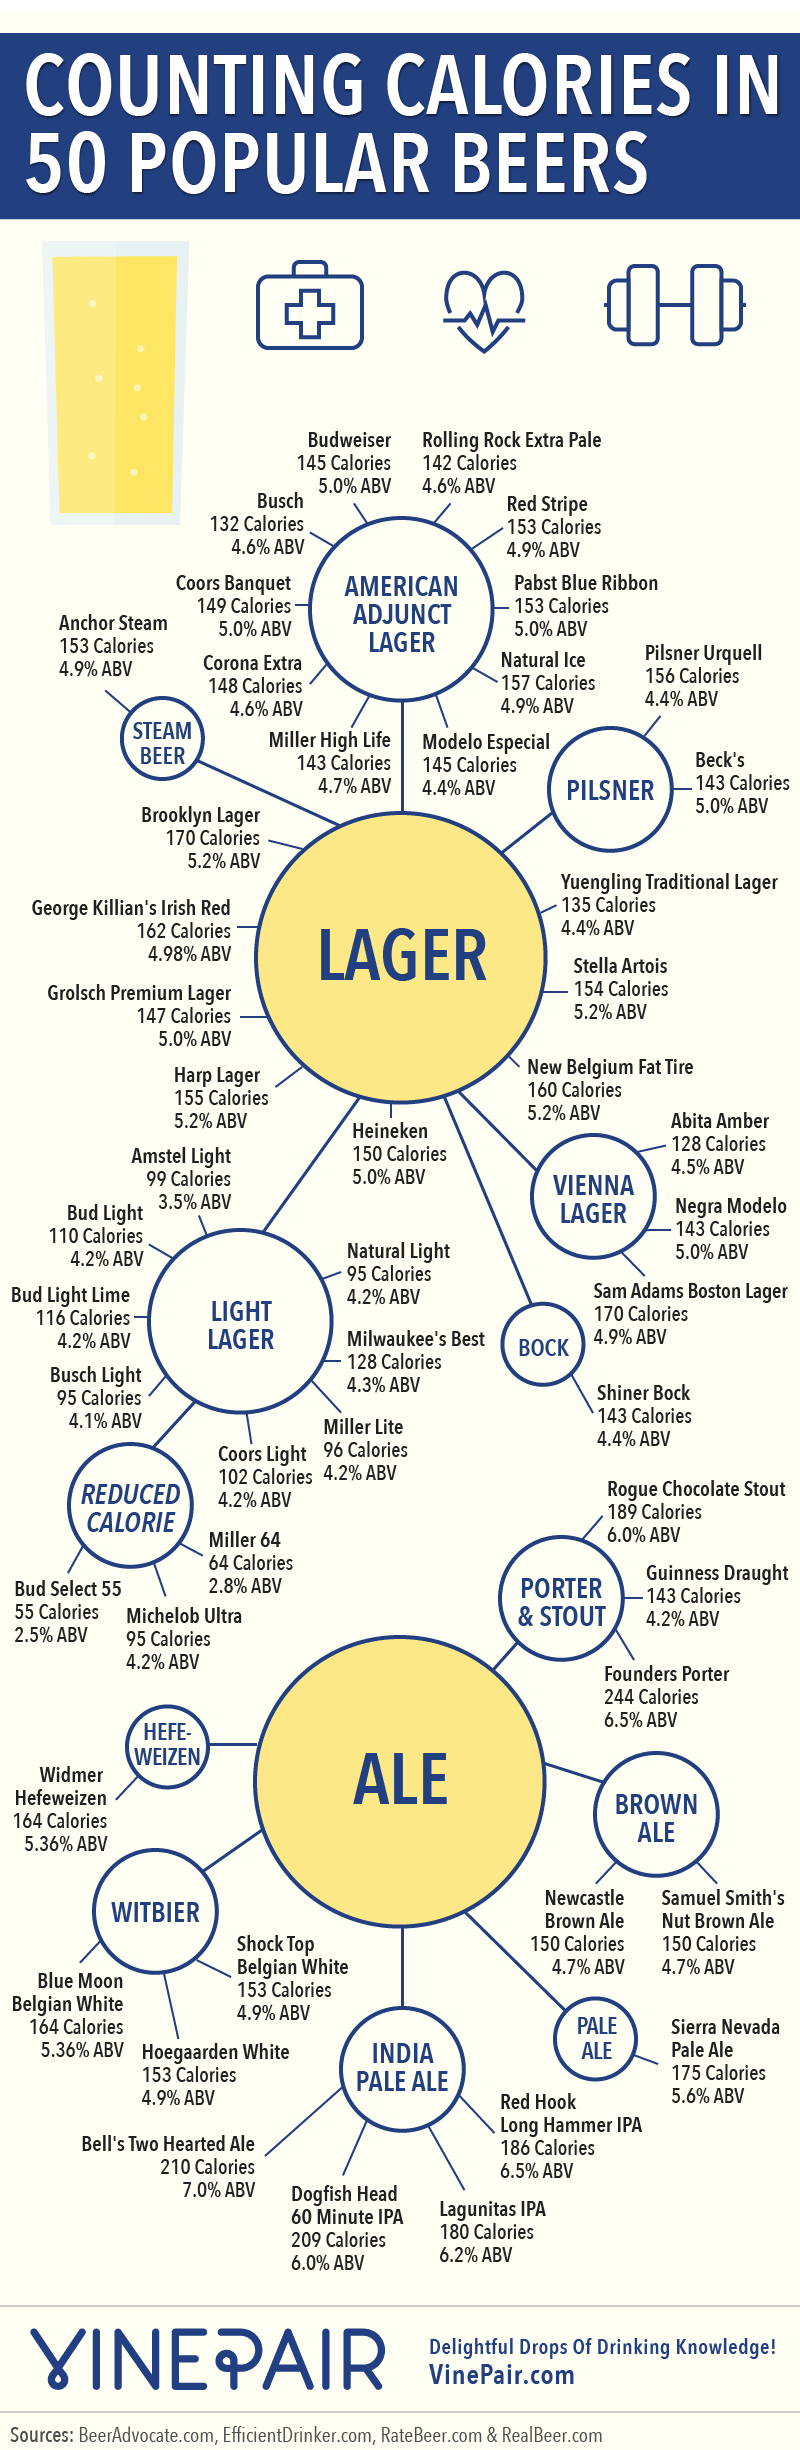 50-popular-beers-calories-infographic